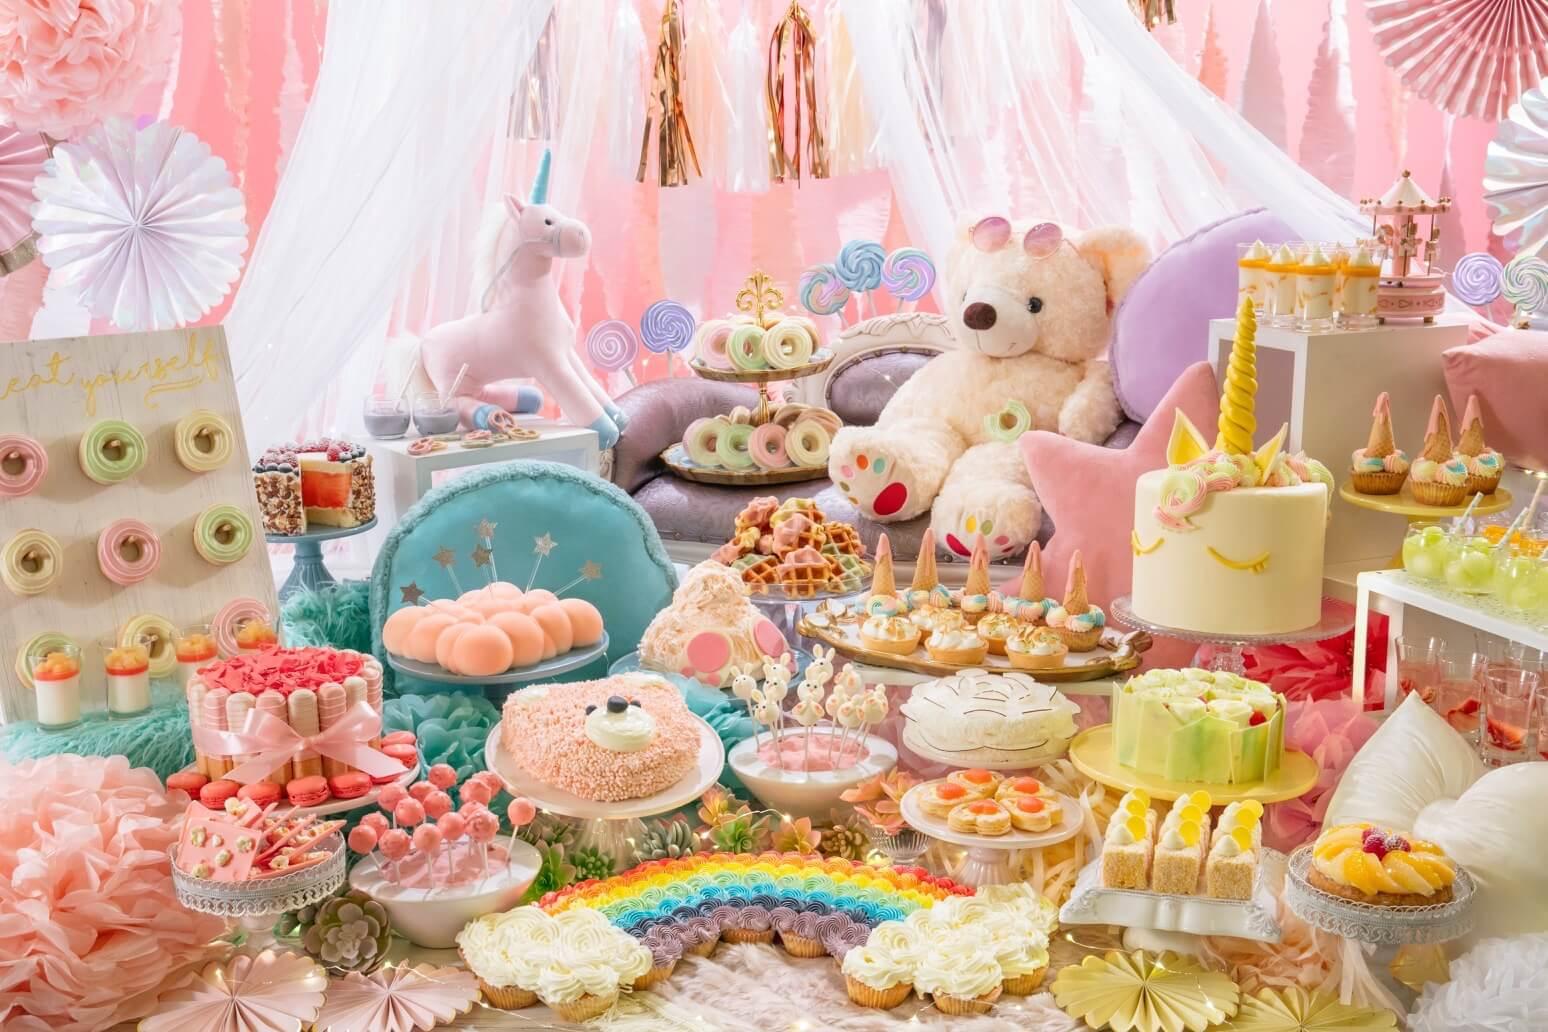 柔和色調的「夢幻可愛」甜點Buffet於東京台場希爾頓酒店登場 台場、甜點、